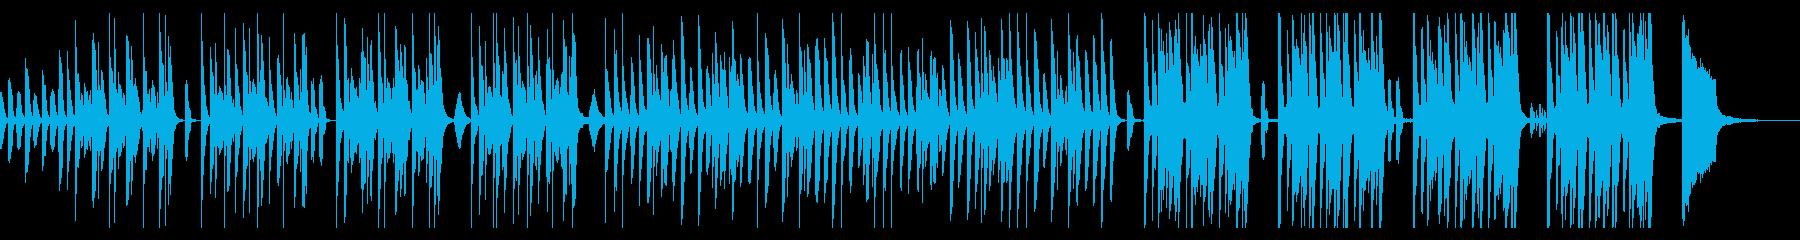 日常系ほのぼのしたかわいいBGMの再生済みの波形